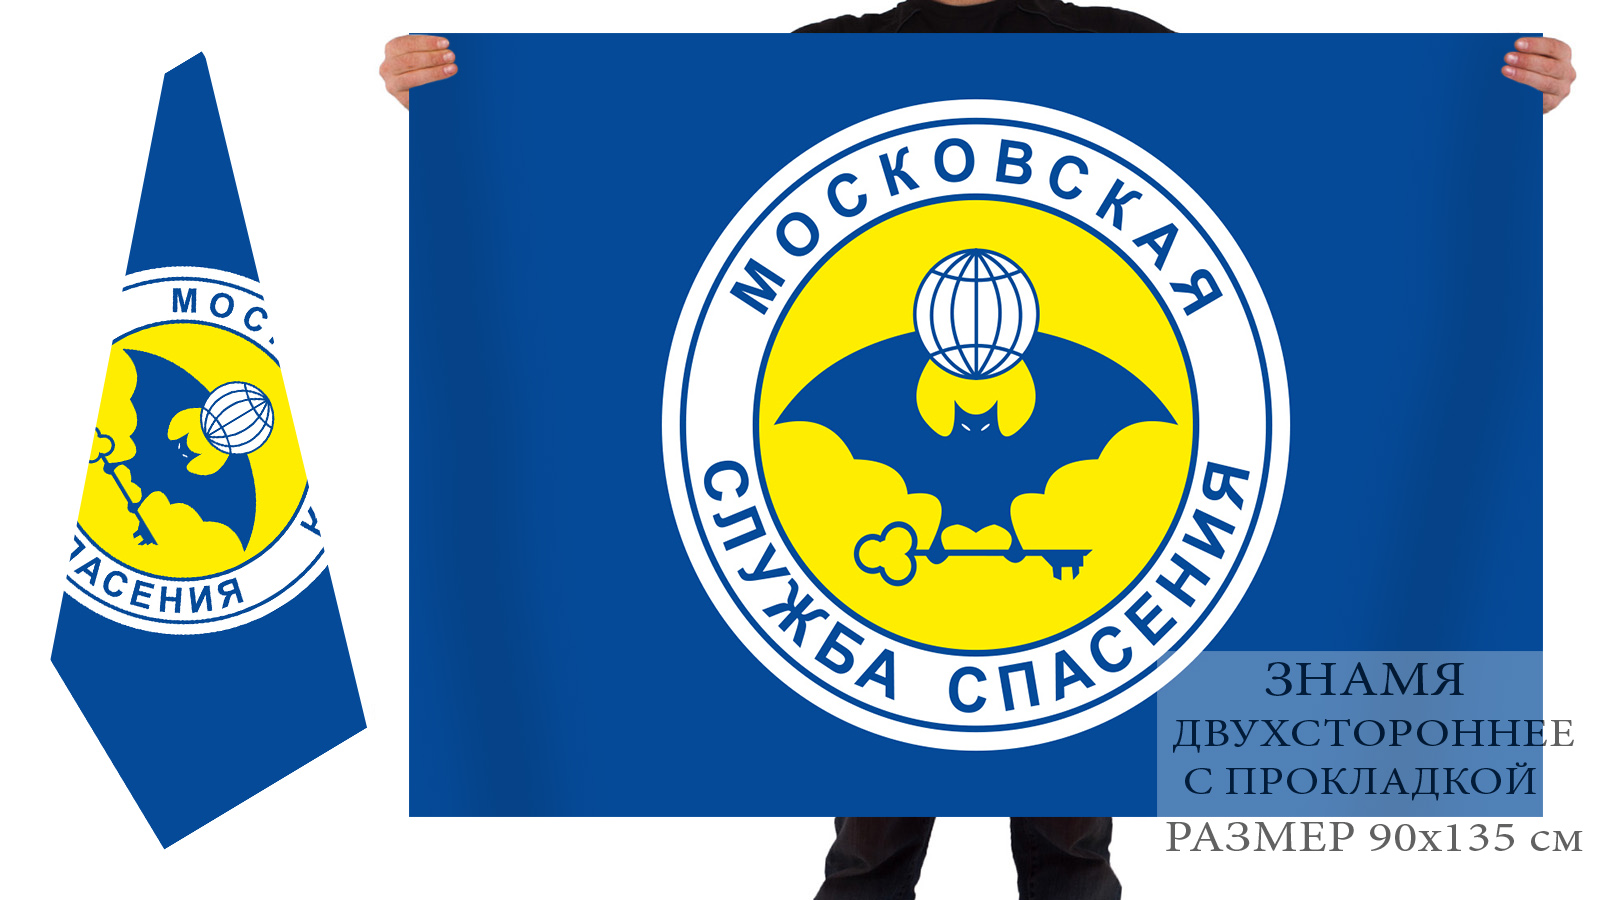 Двусторонний флаг Московской службы спасения